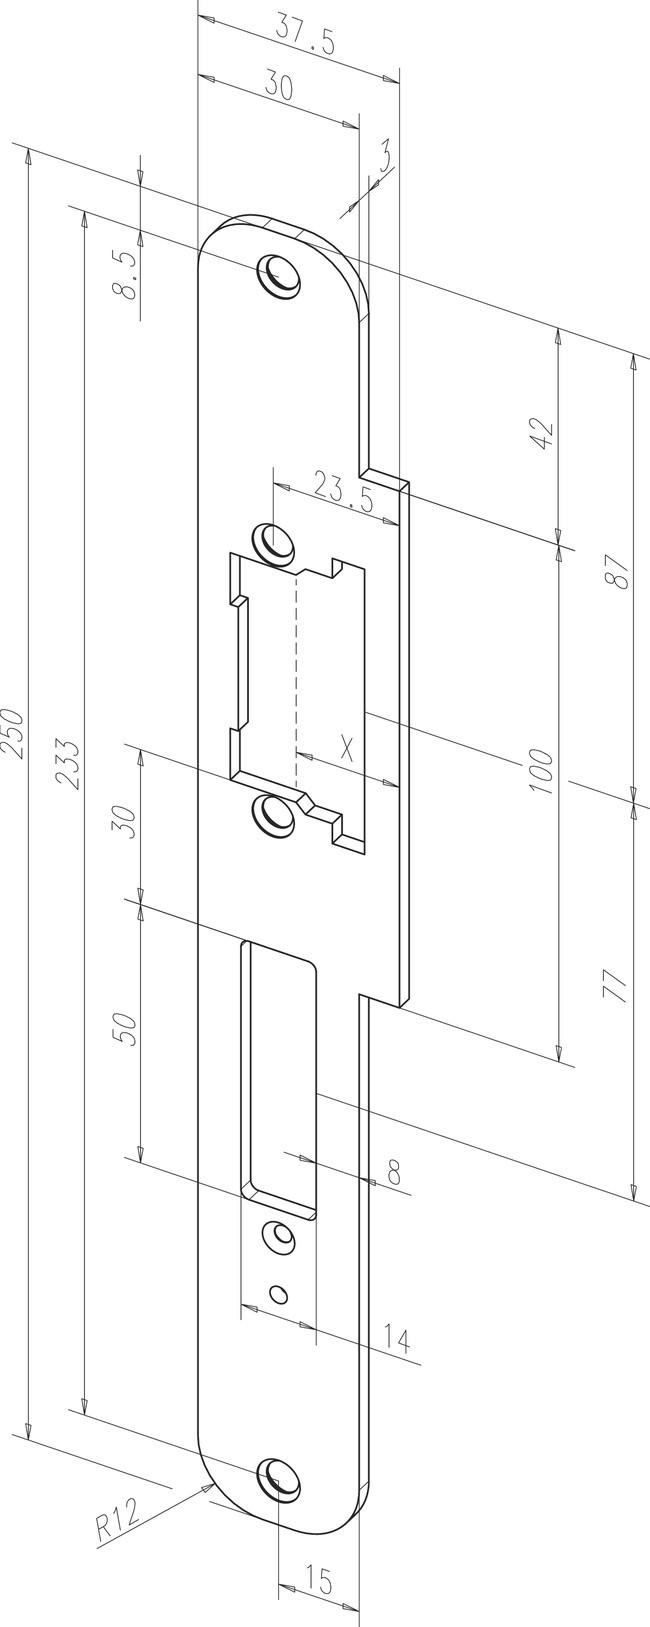 Flachschließbleche ProFix® 1, vorgerüstet für Riegelschaltkontakt